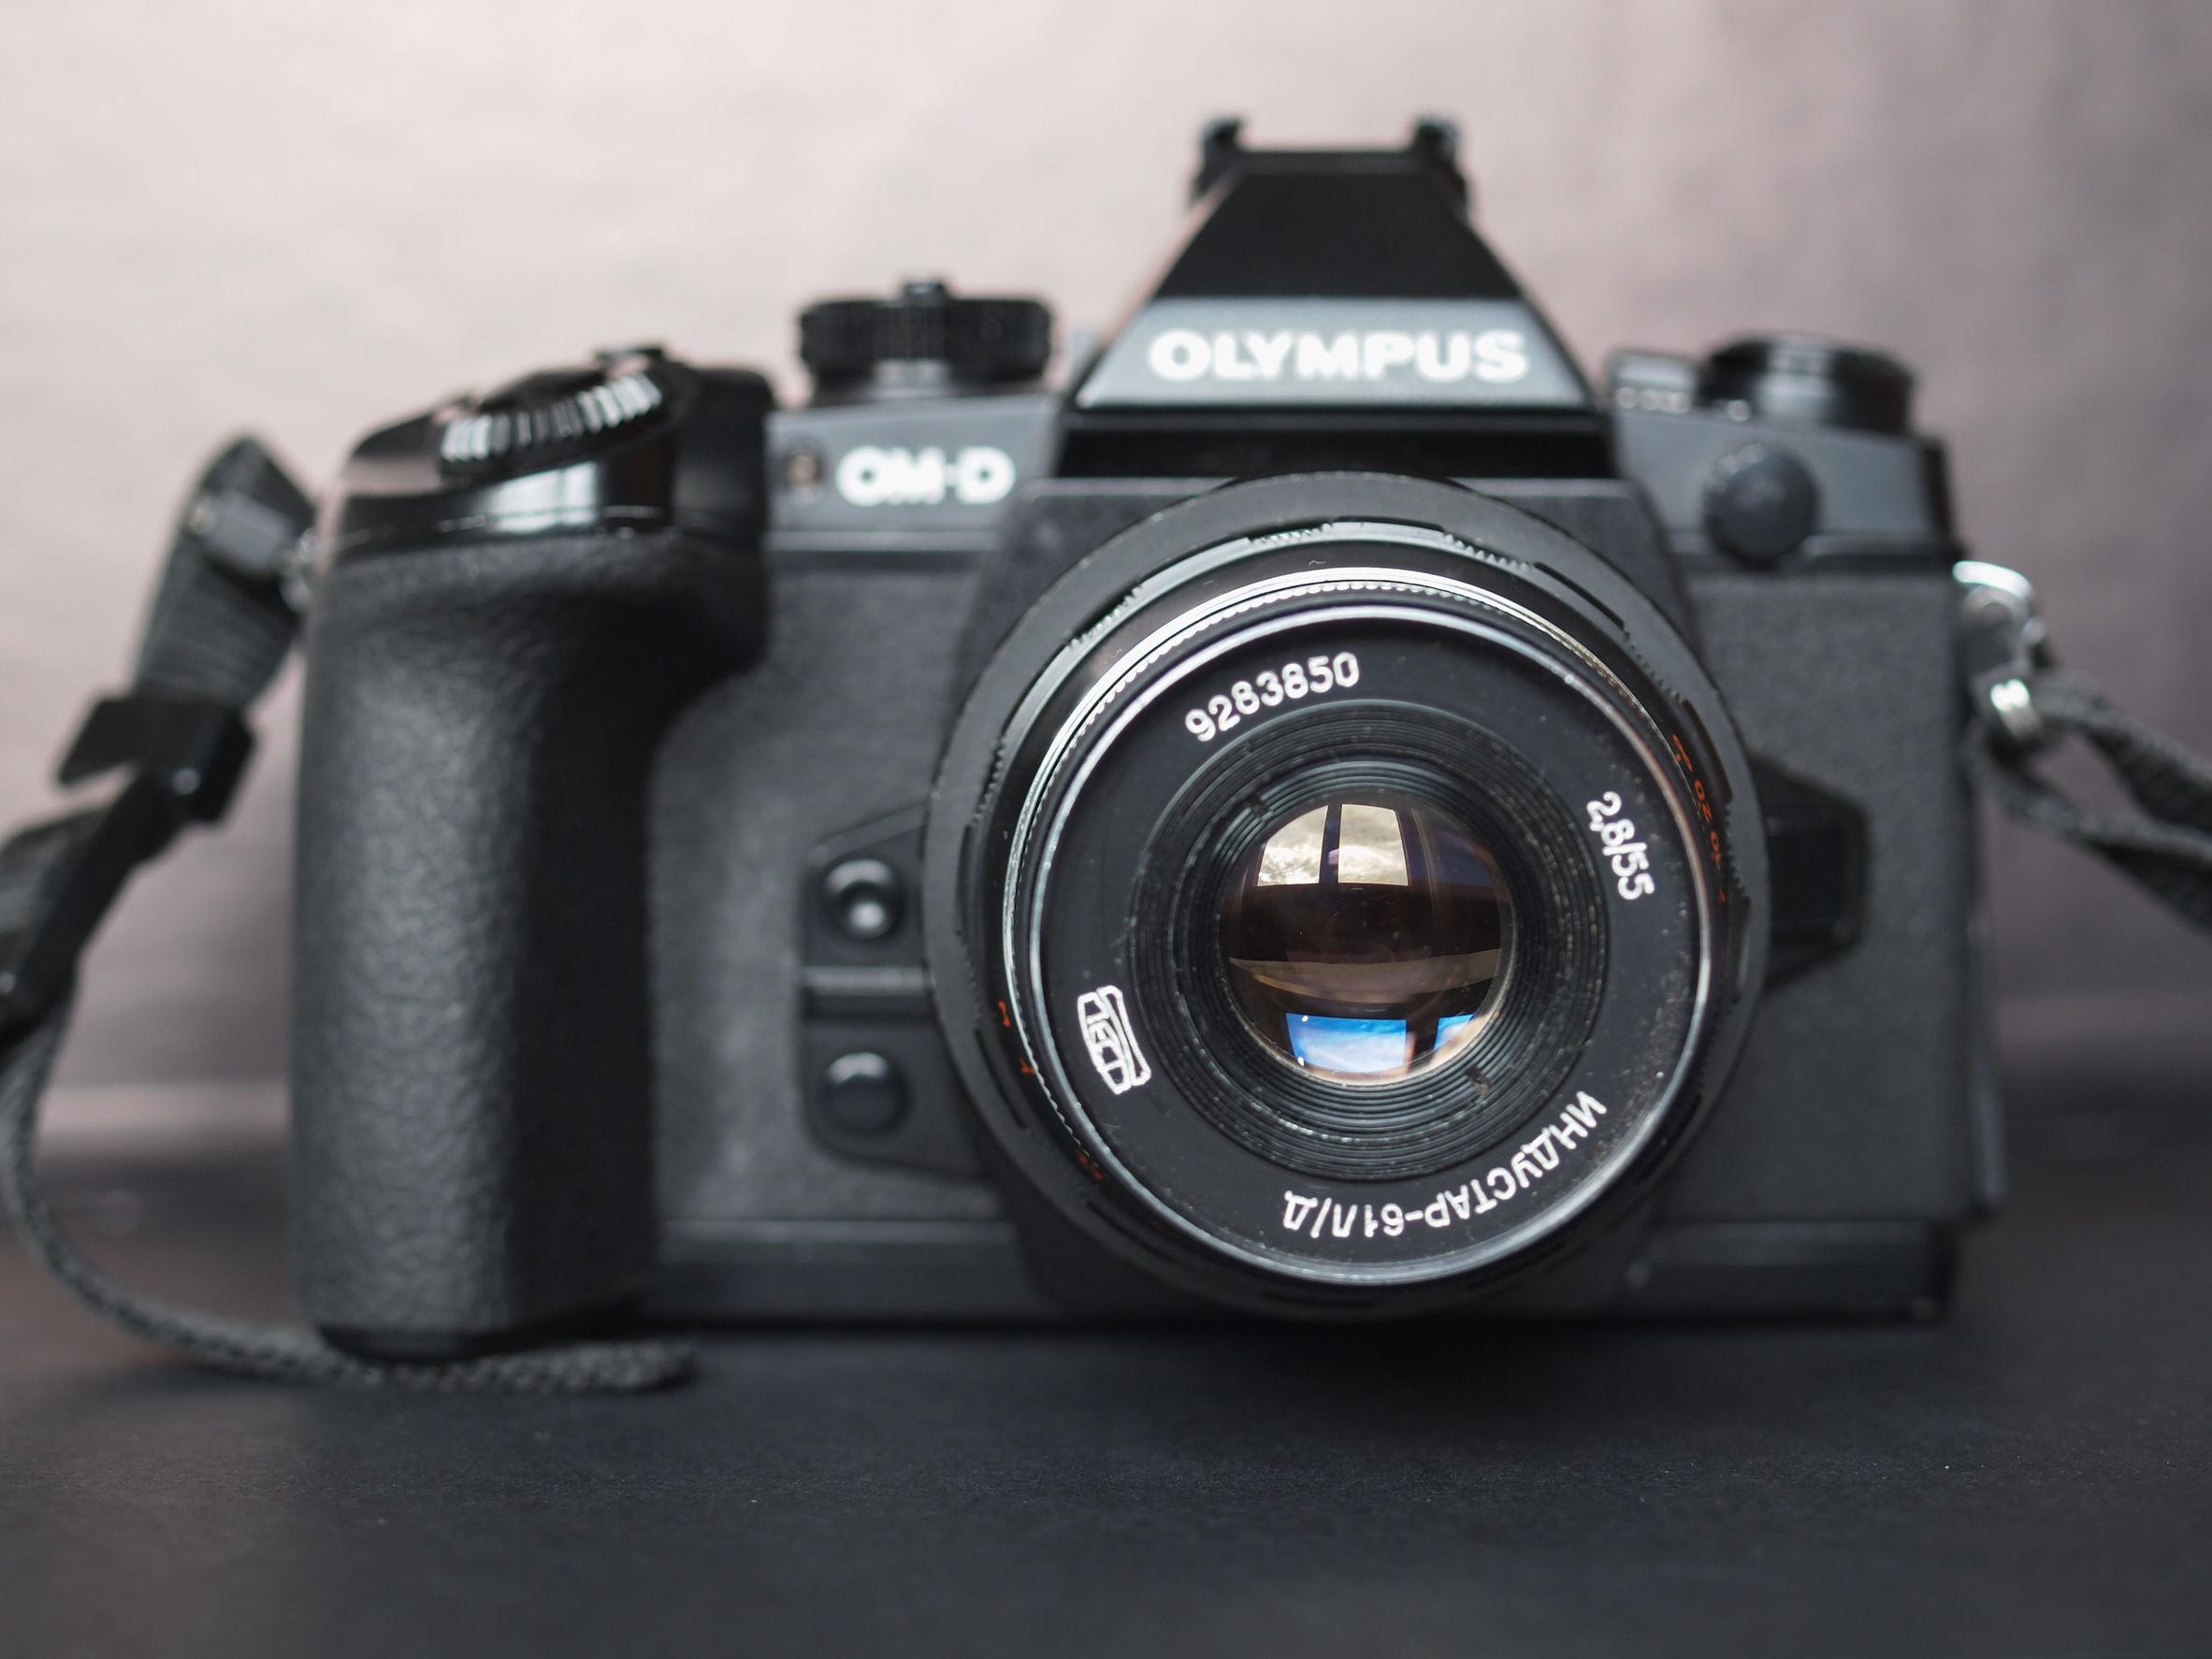 Olympus Kamera: Test & Empfehlungen (09/20)